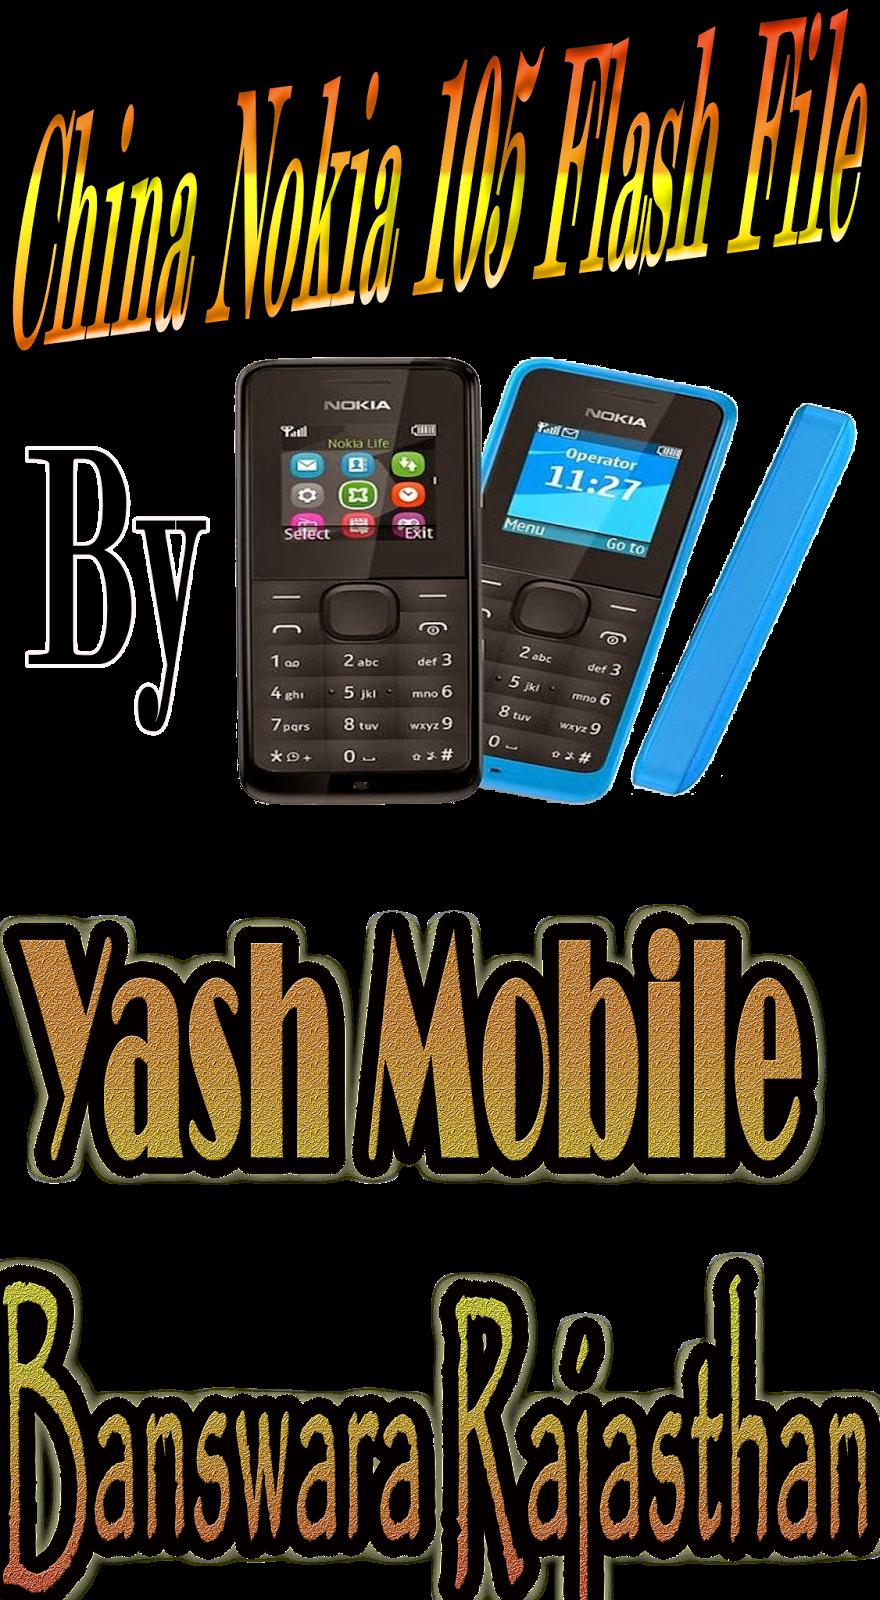 China Nokia 105 Flash File By Yash Mobile Banswara